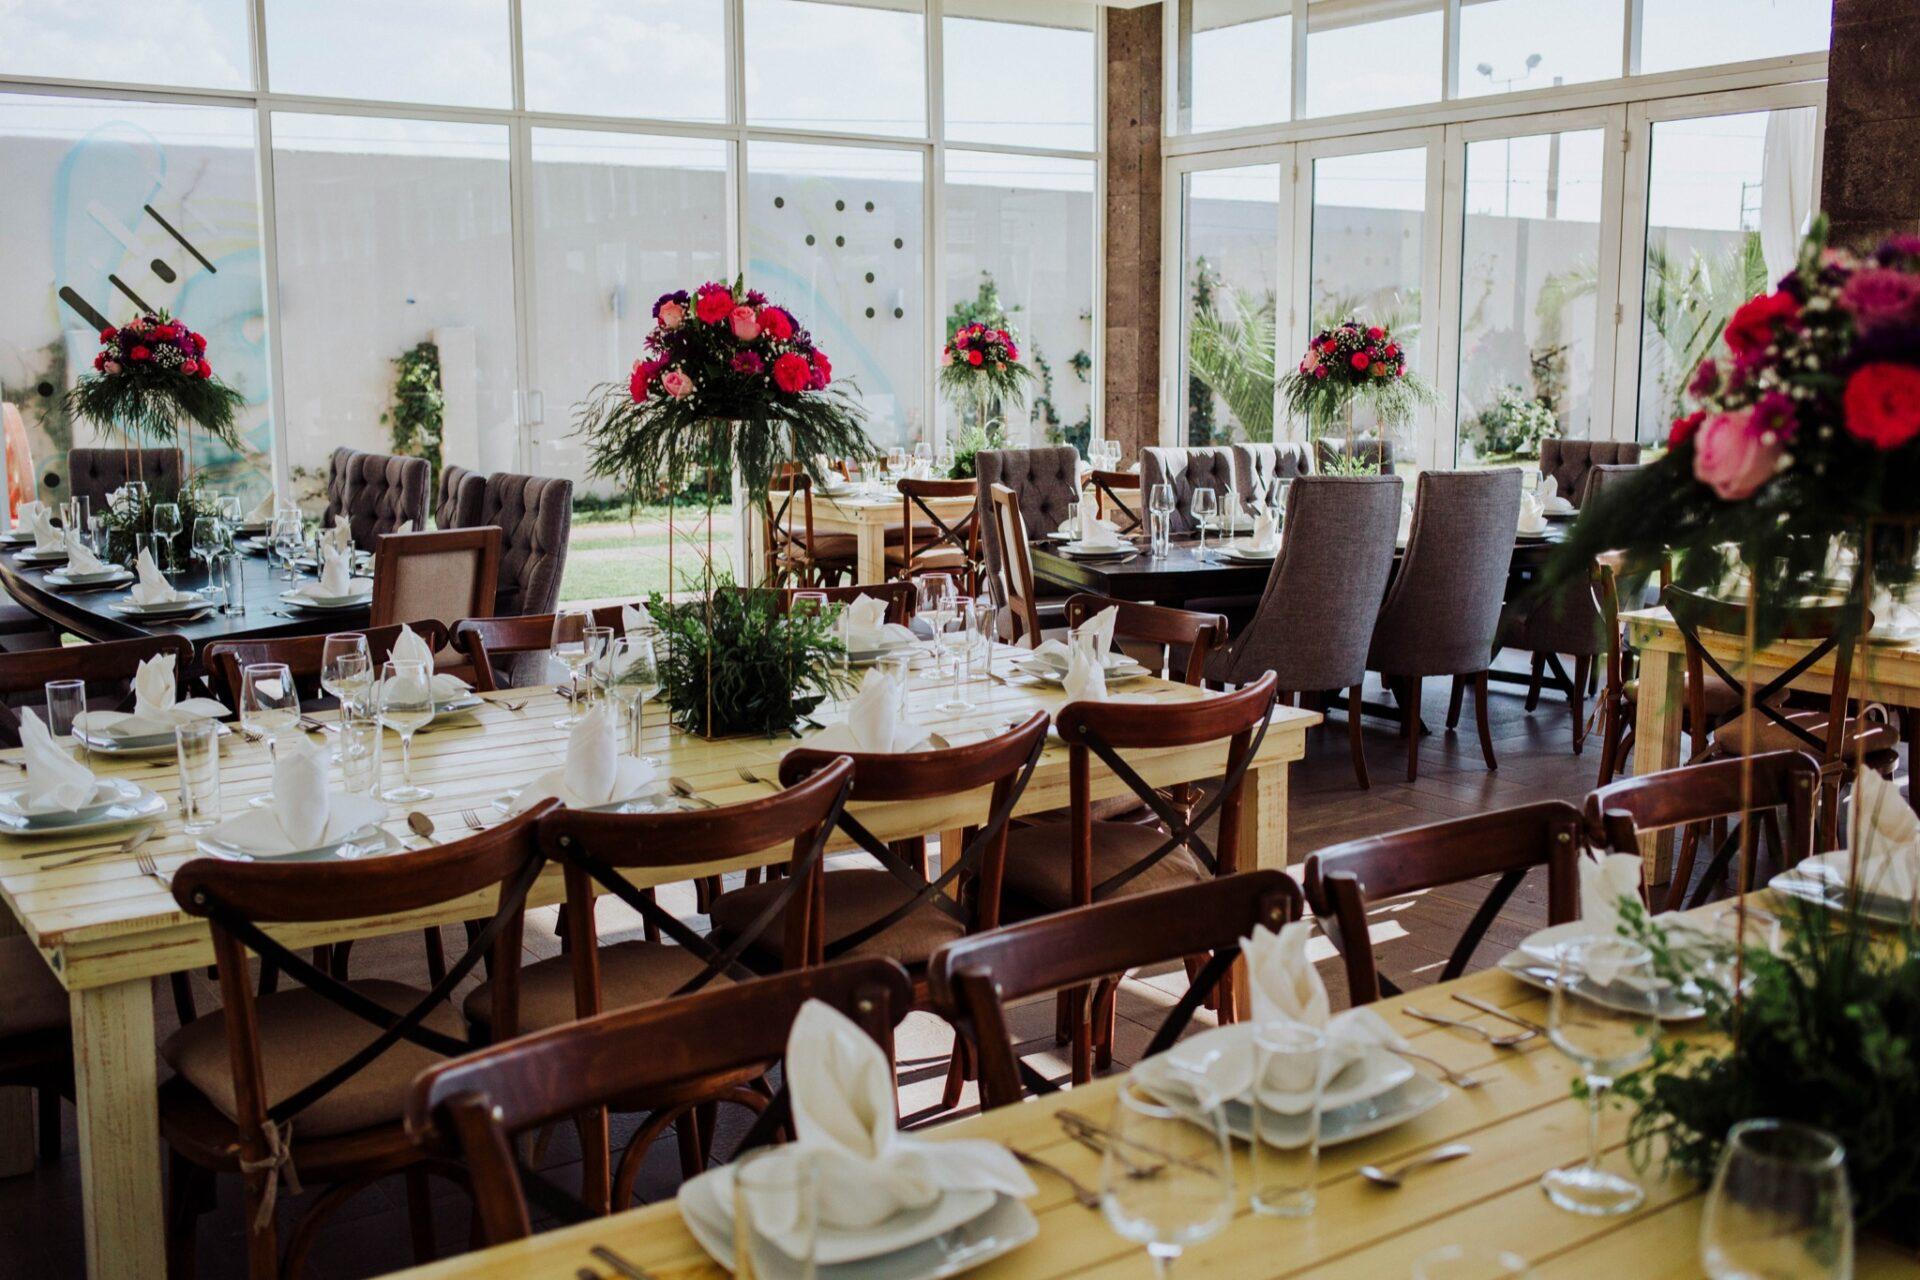 javier_noriega_fotografo_bodas_alicia_garden_zacatecas_wedding_photographer7